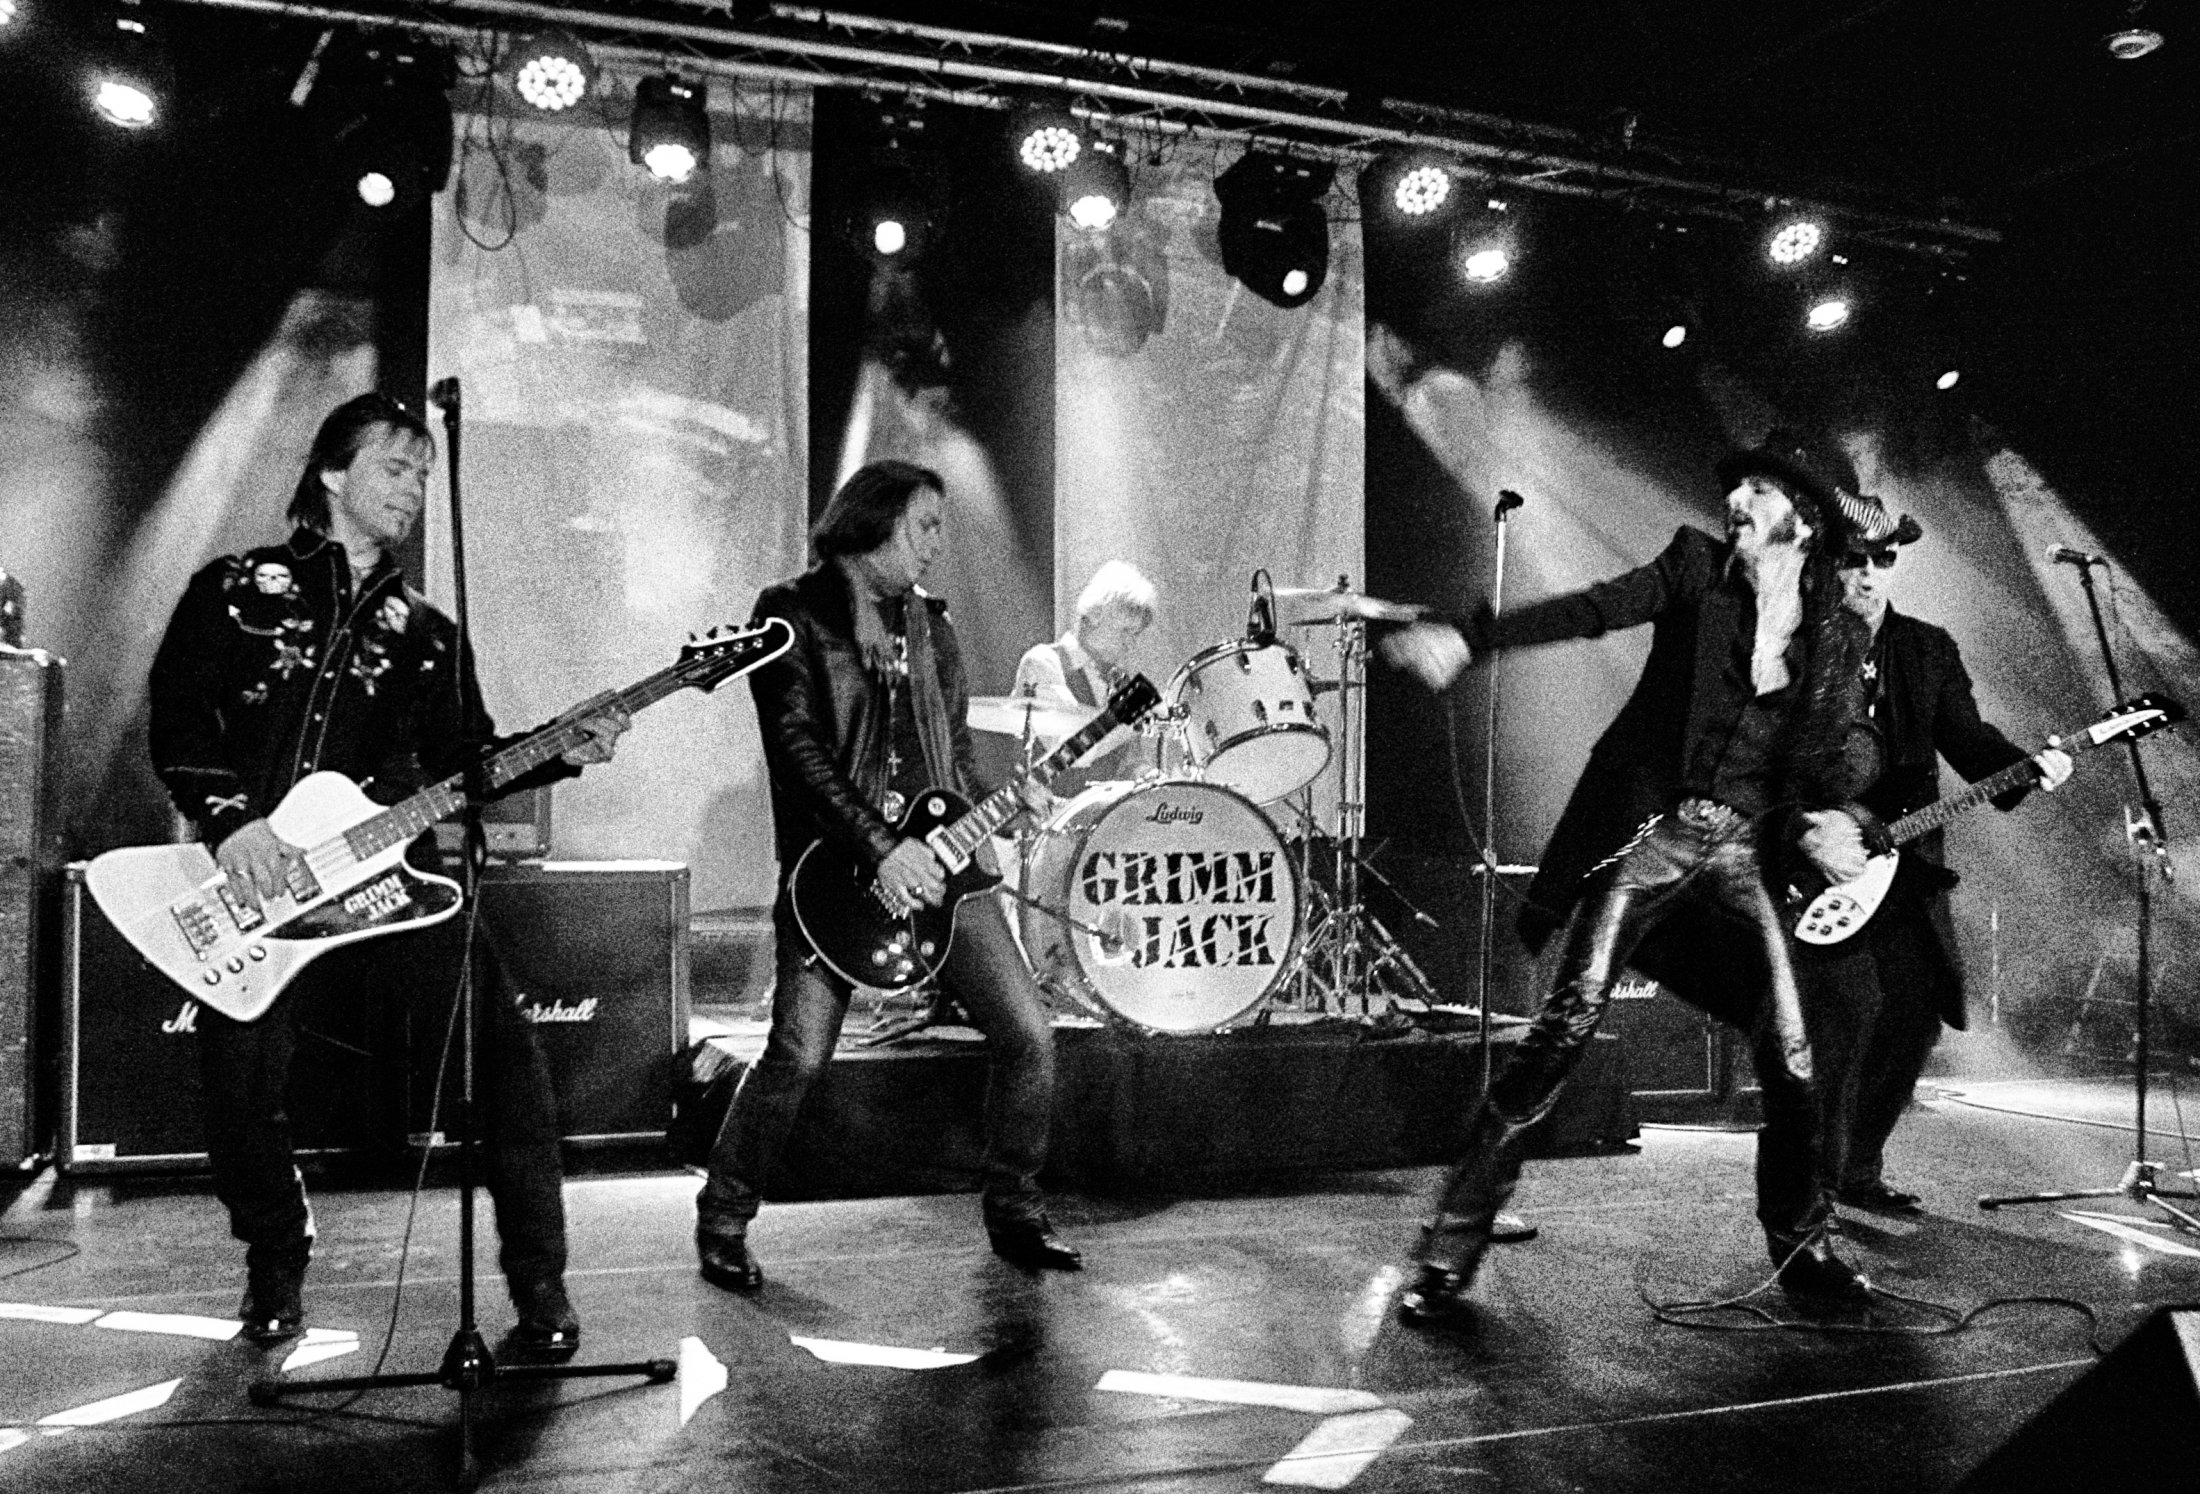 Grimm Jack @ Evolution Sound Stage, Werst Babylon (77)